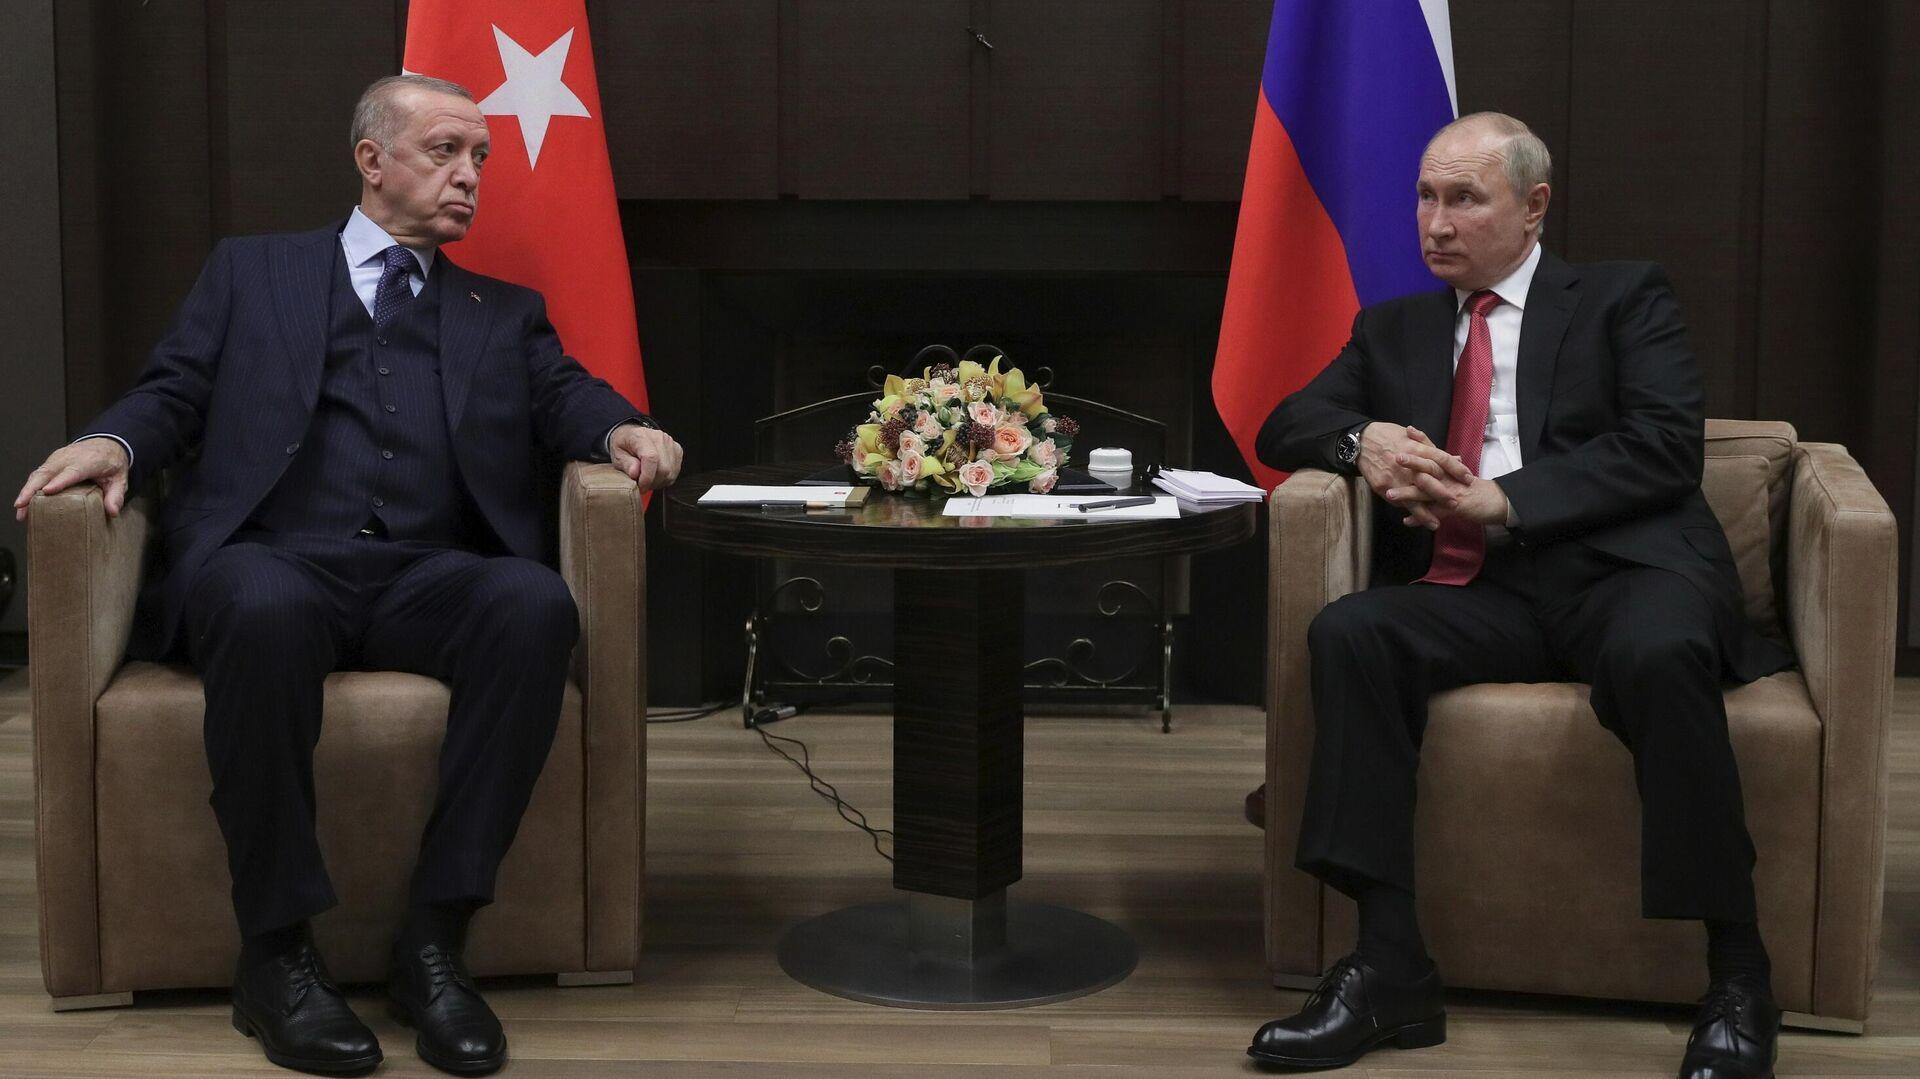 Президент РФ В. Путин провел переговоры с президентом Турции Р. Эрдоганом - Sputnik Latvija, 1920, 01.10.2021